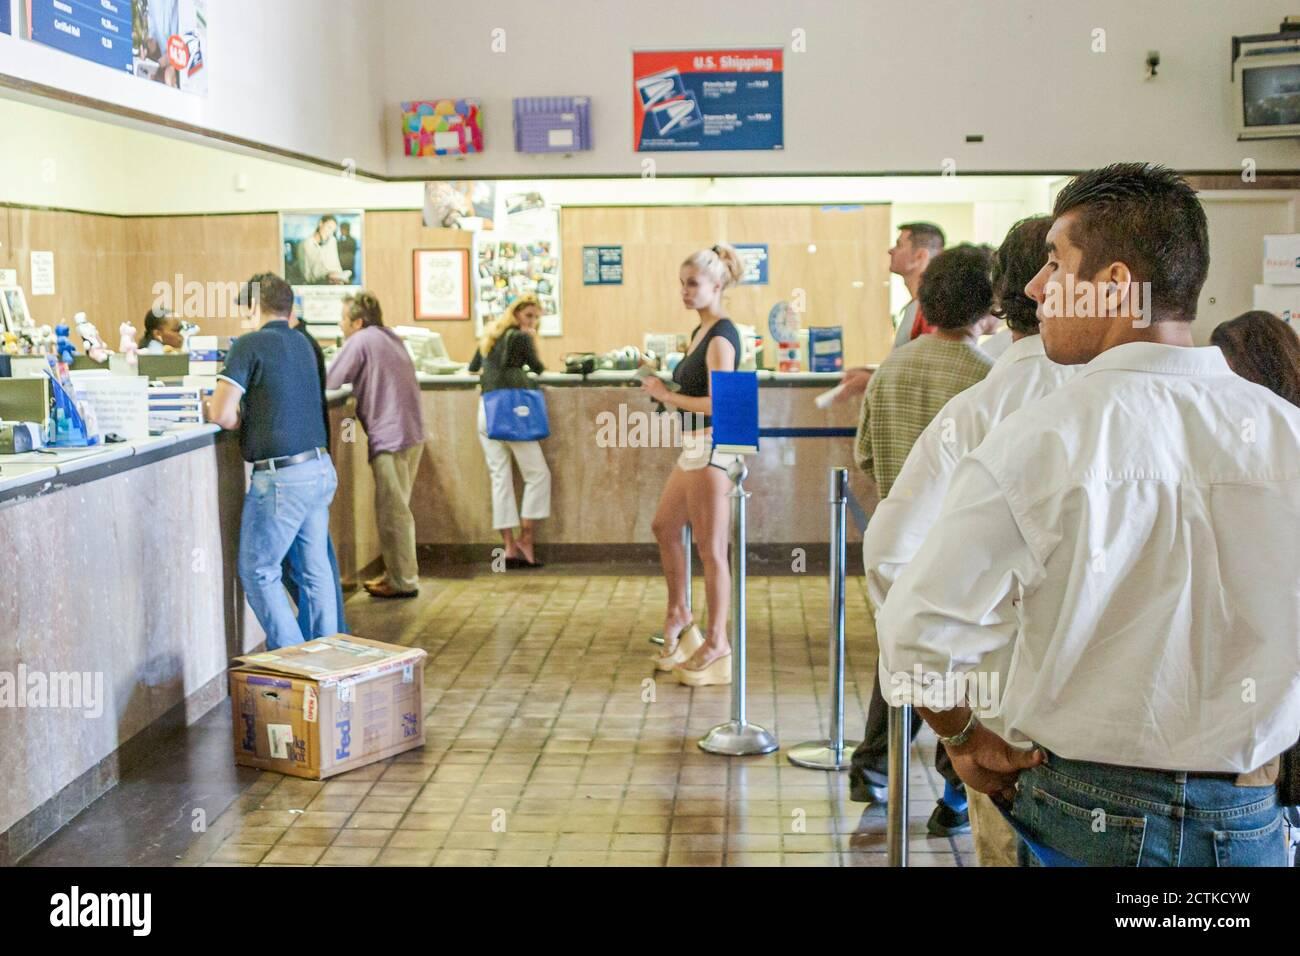 Floride, Floride, Sud, Miami Beach, SoBe, quartier art déco, « Washington Avenue », bureau de poste américain, courrier, livraison, colis, timbres, service postal, courrier, Banque D'Images